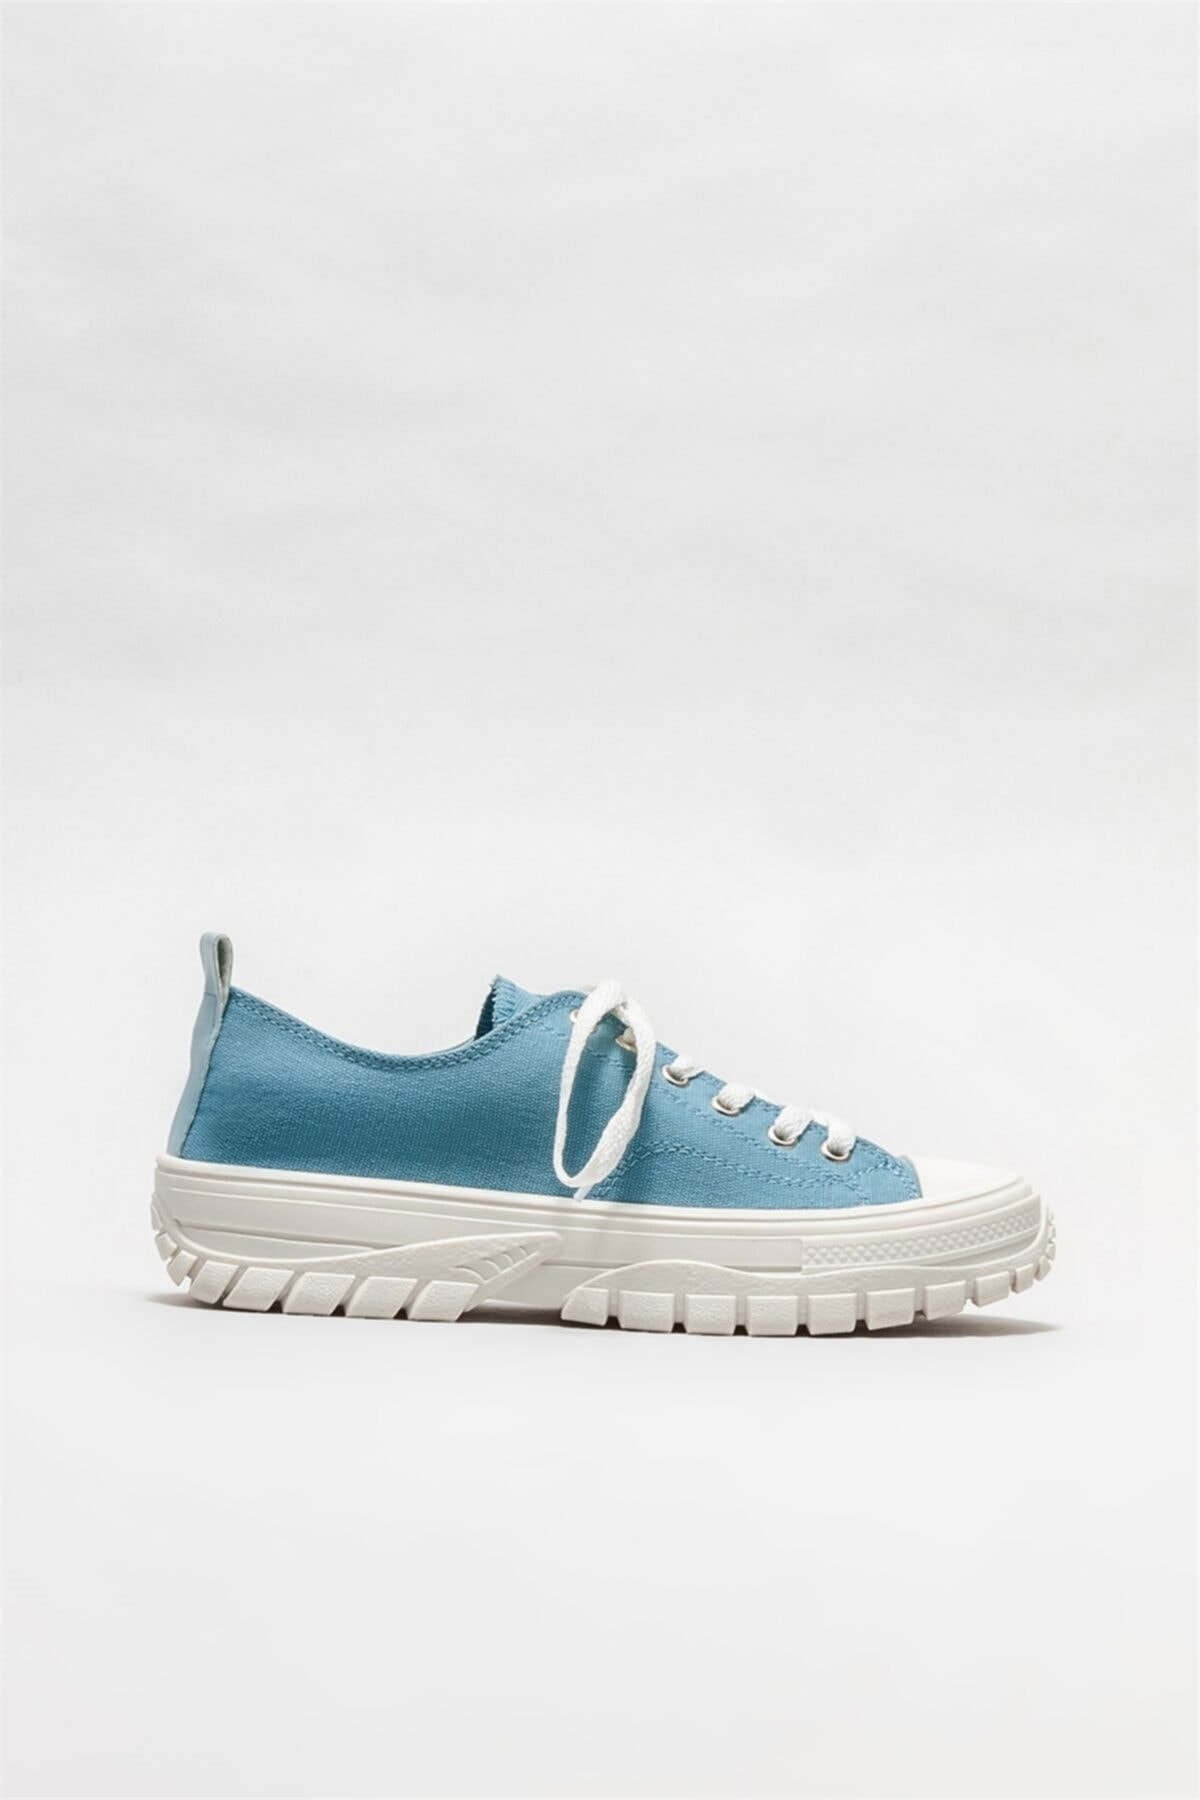 کتانی زنانه خاص برند Elle Shoes رنگ آبی کد ty94356911